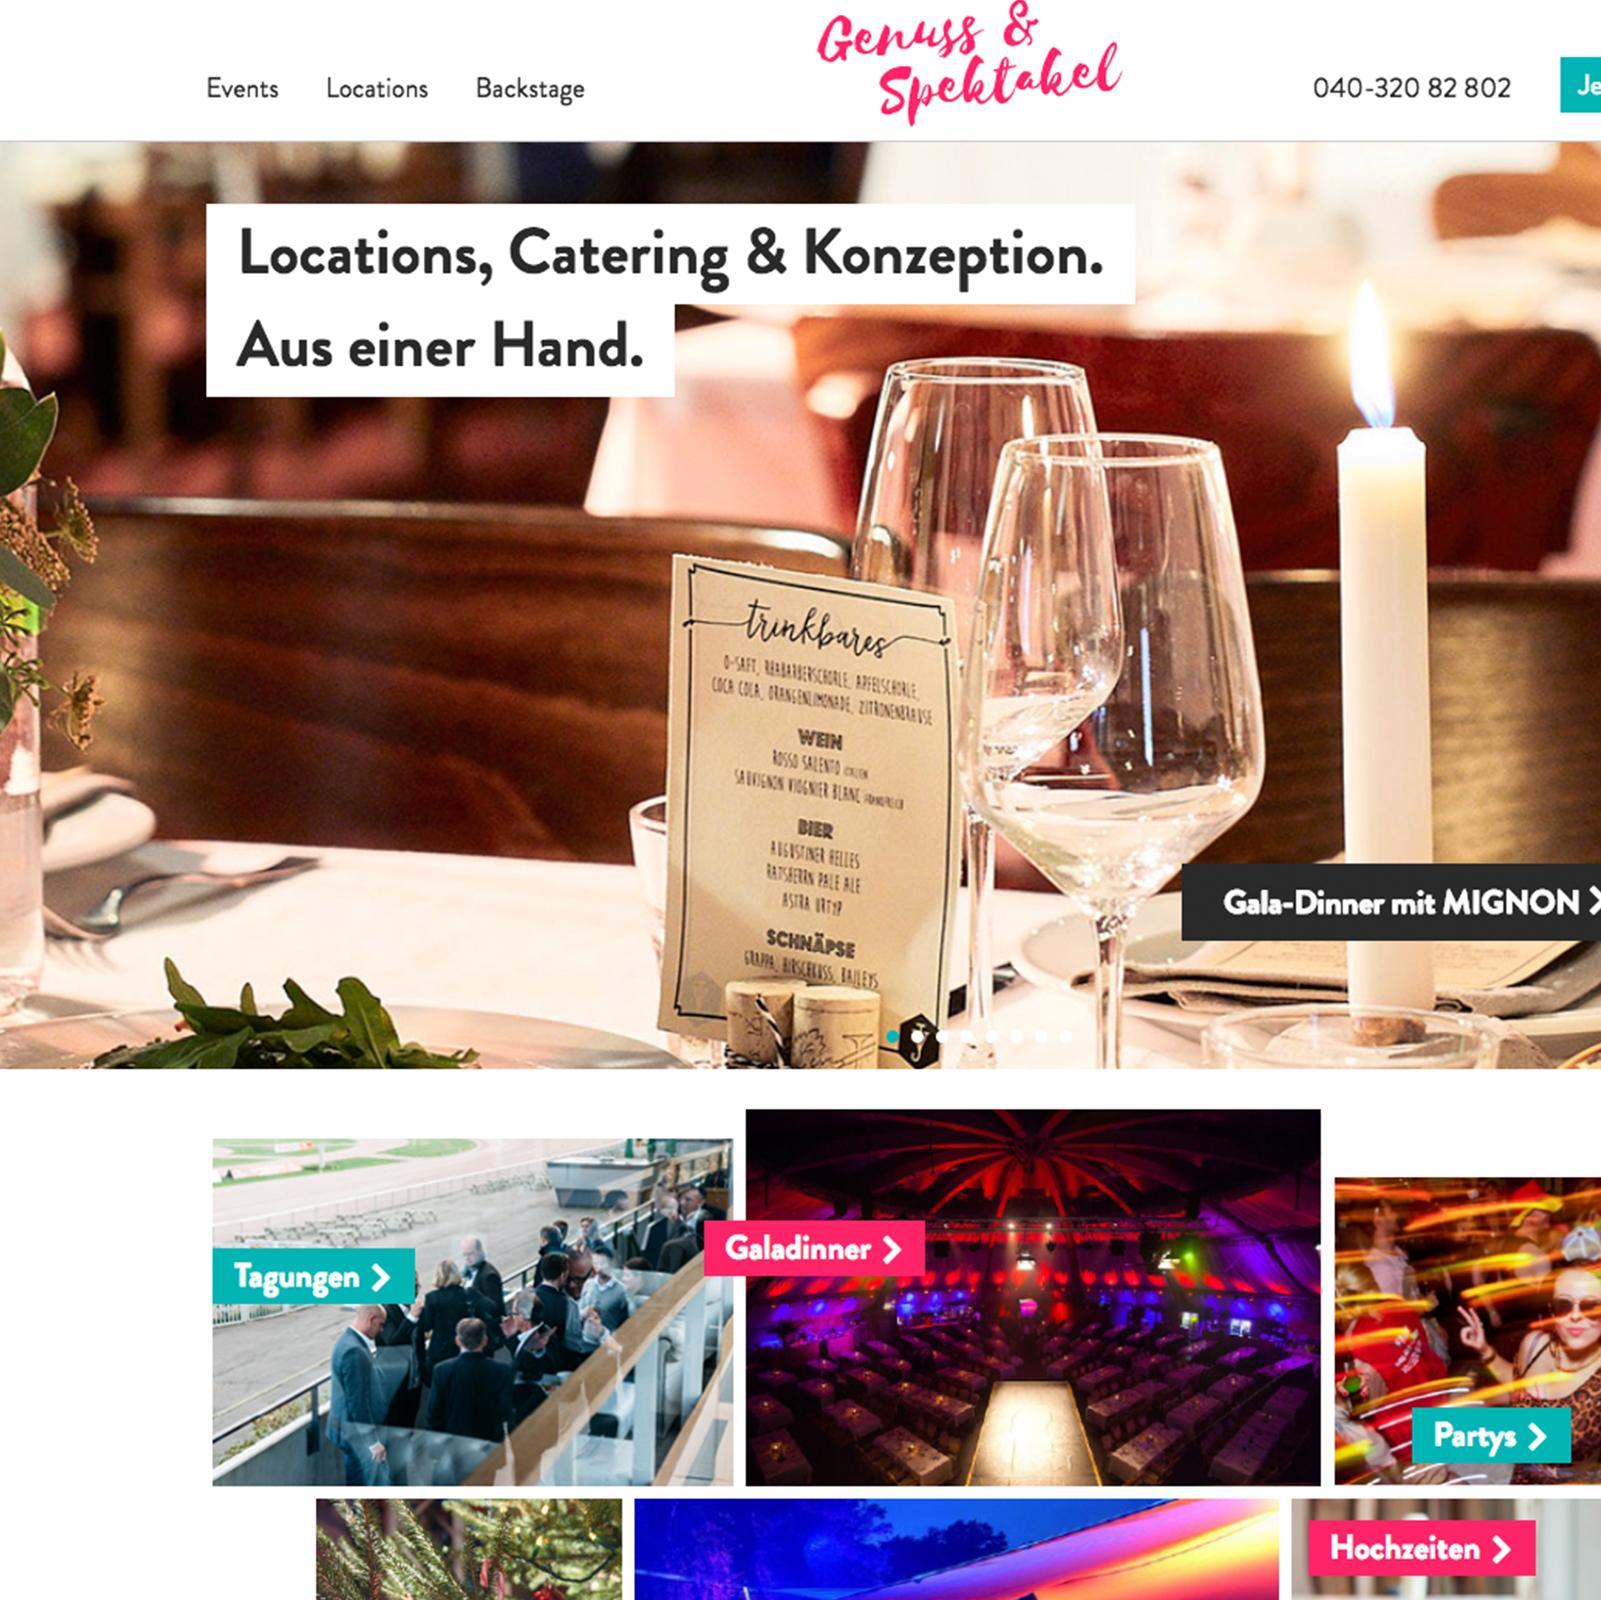 Kuki Design Migus Genuss & Spektakel Vorschau Webseitengestaltung Webumsetzung